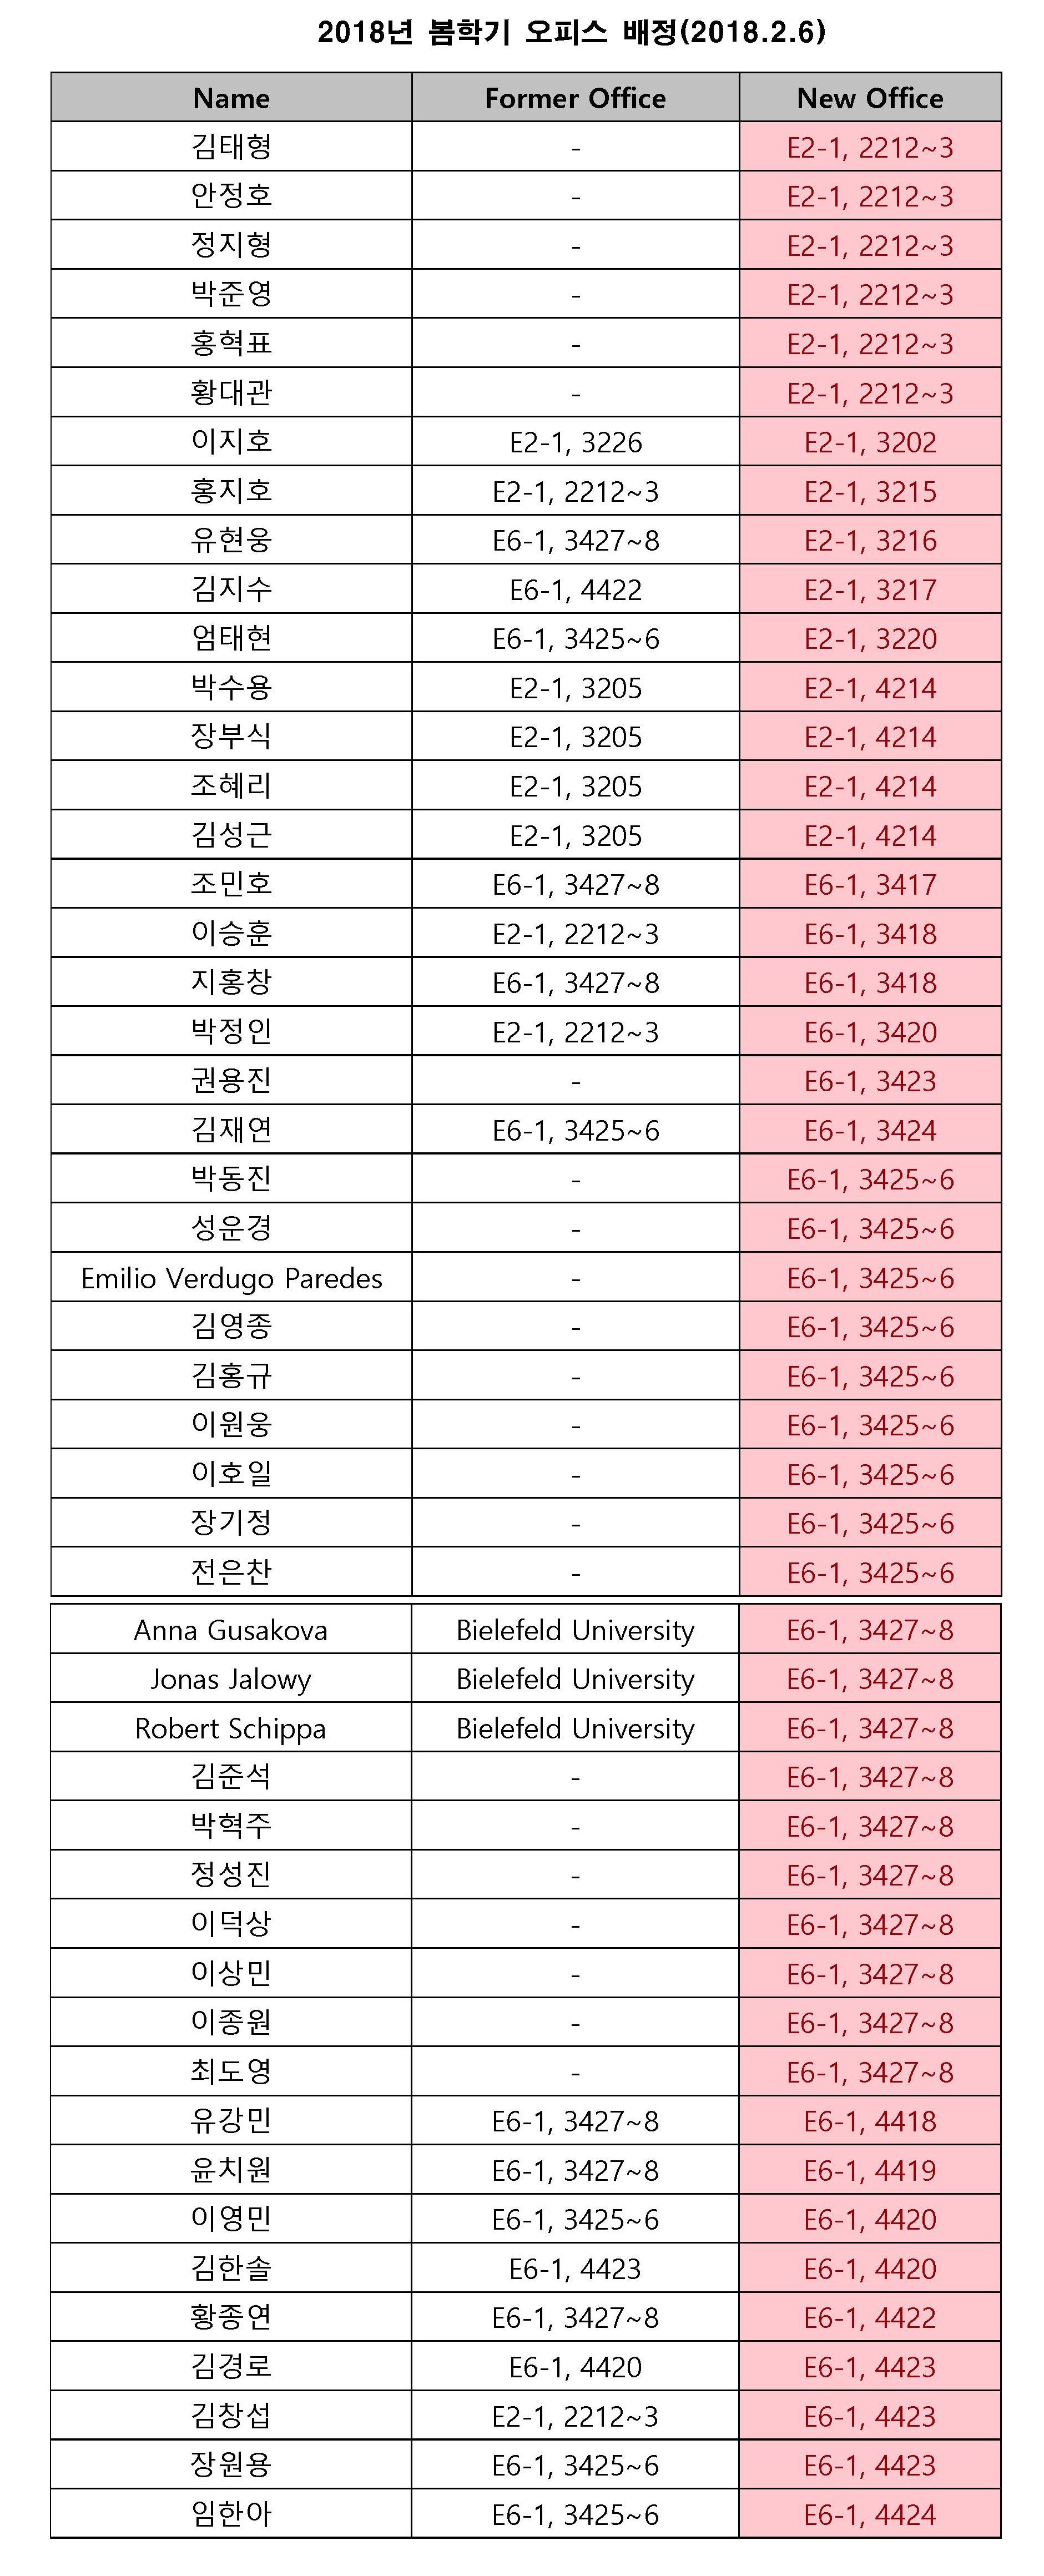 2018년 봄학기 오피스 배정(2018.2.6).jpg